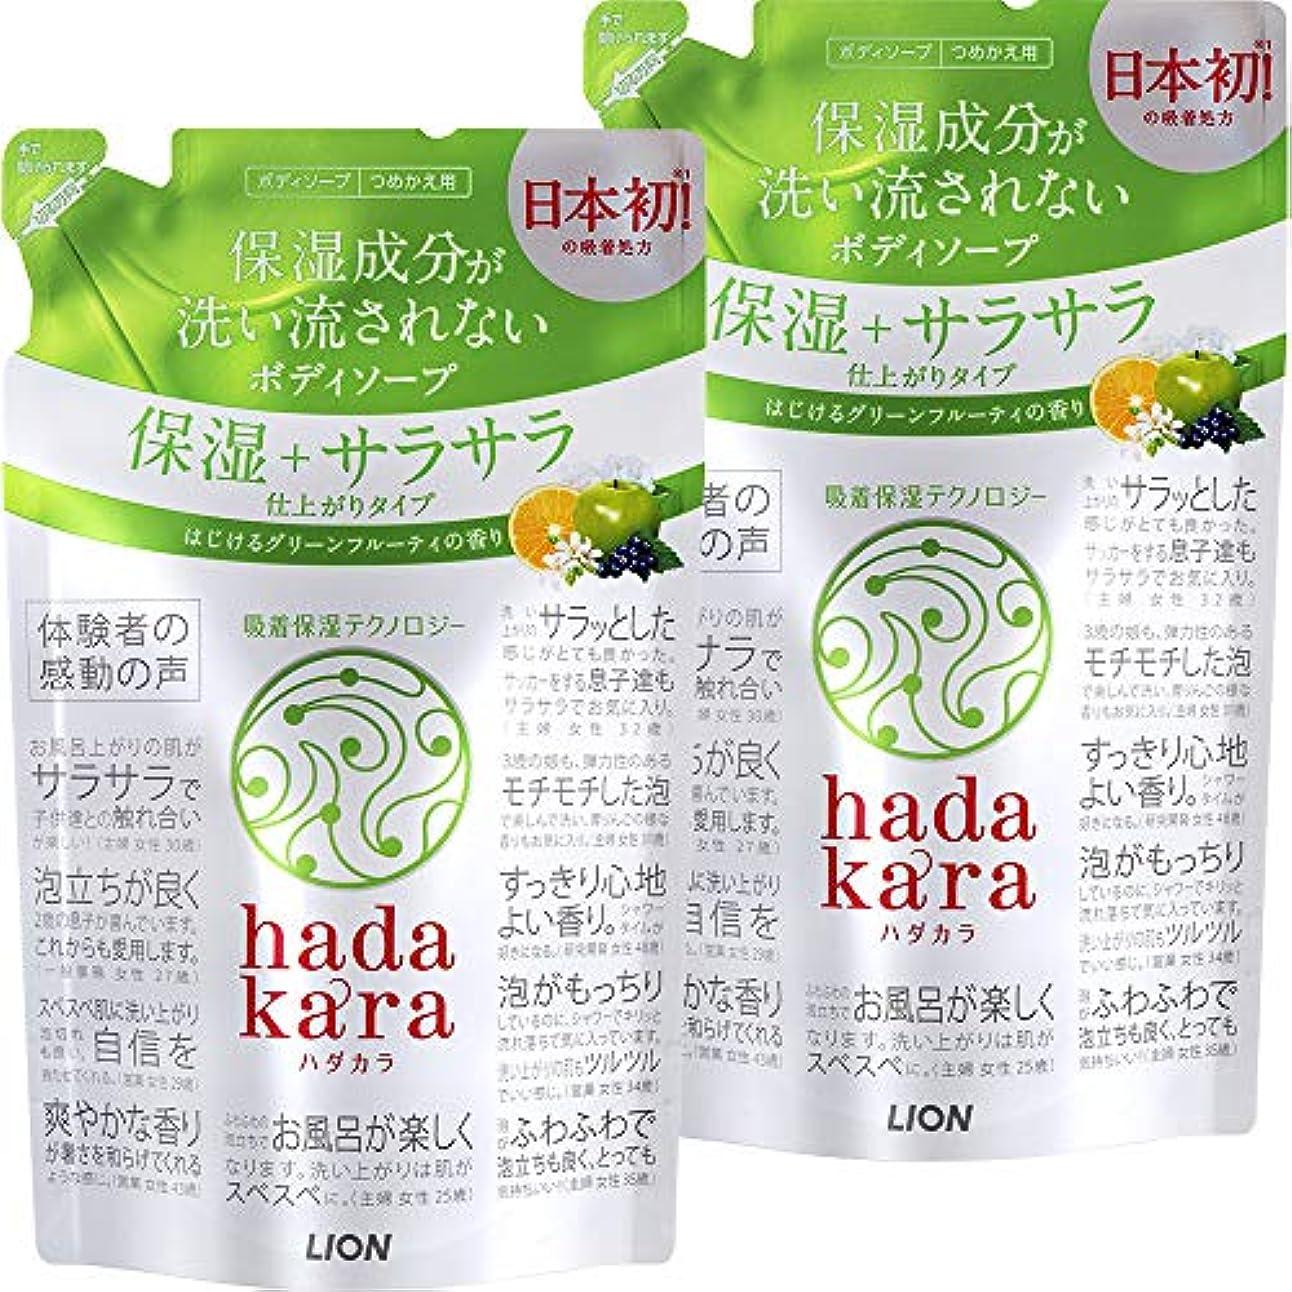 機関宣伝鬼ごっこ【まとめ買い】hadakara(ハダカラ) ボディソープ 保湿+サラサラ仕上がりタイプ グリーンフルーティの香り 詰め替え 340ml×2個パック